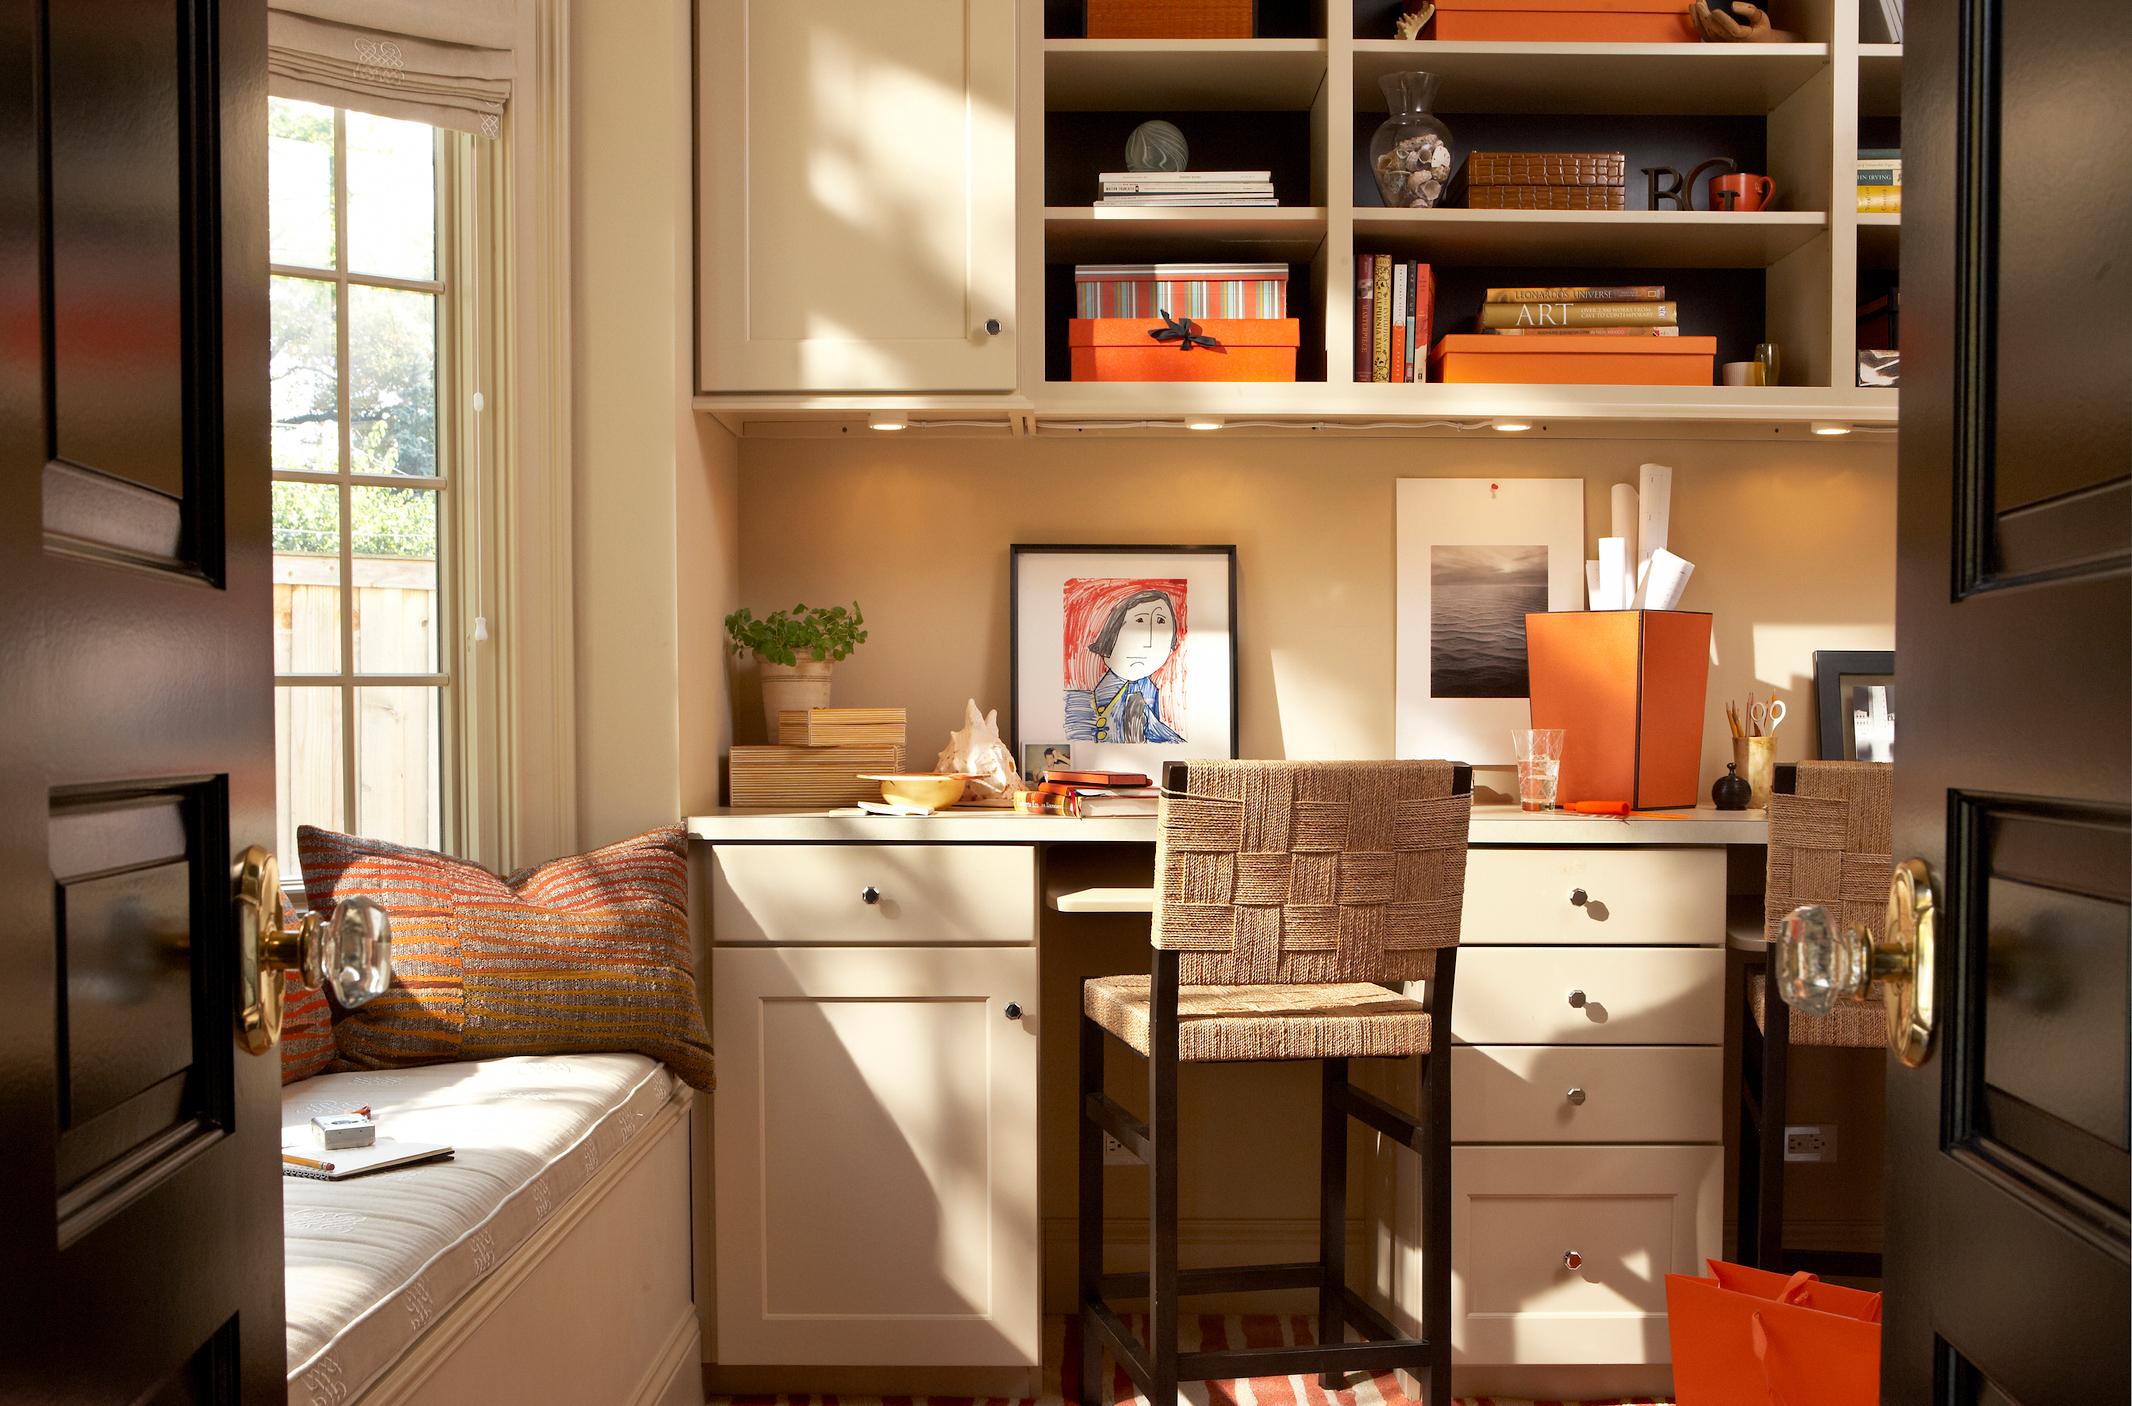 Vai trò của ánh sáng trong việc tạo nên cảm hứng cho góc làm việc tại nhà - Ảnh 1.